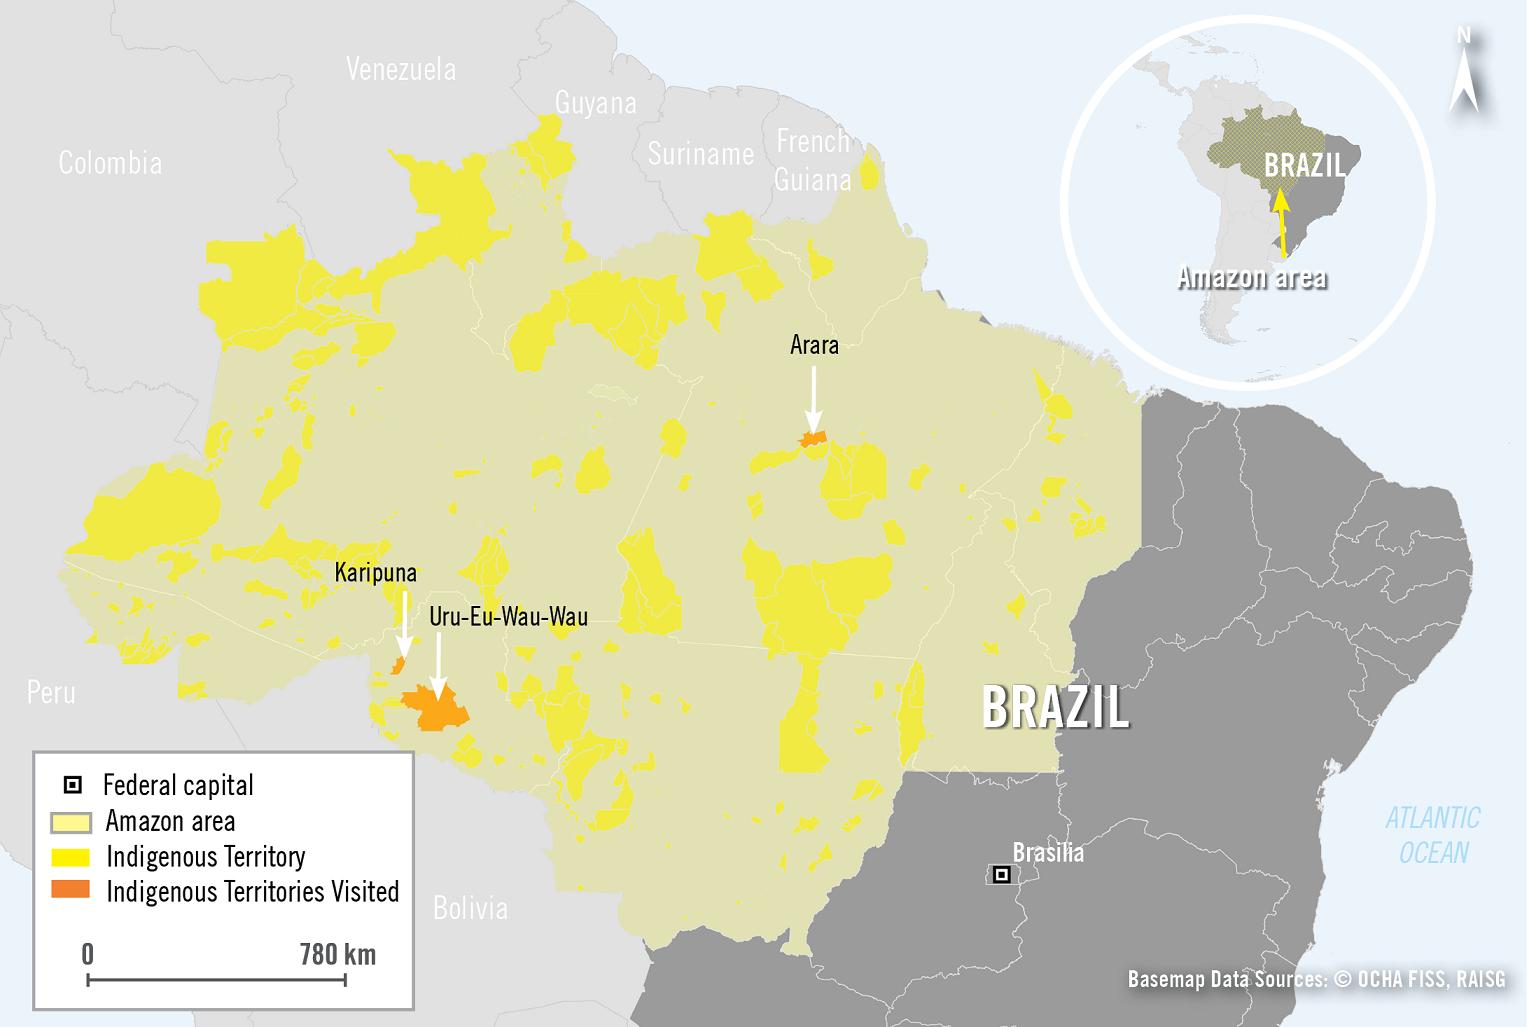 Mapa da Região Amazônia indicando as três áreas indígenas visitadas pela Anistia Internacional. Reprodução